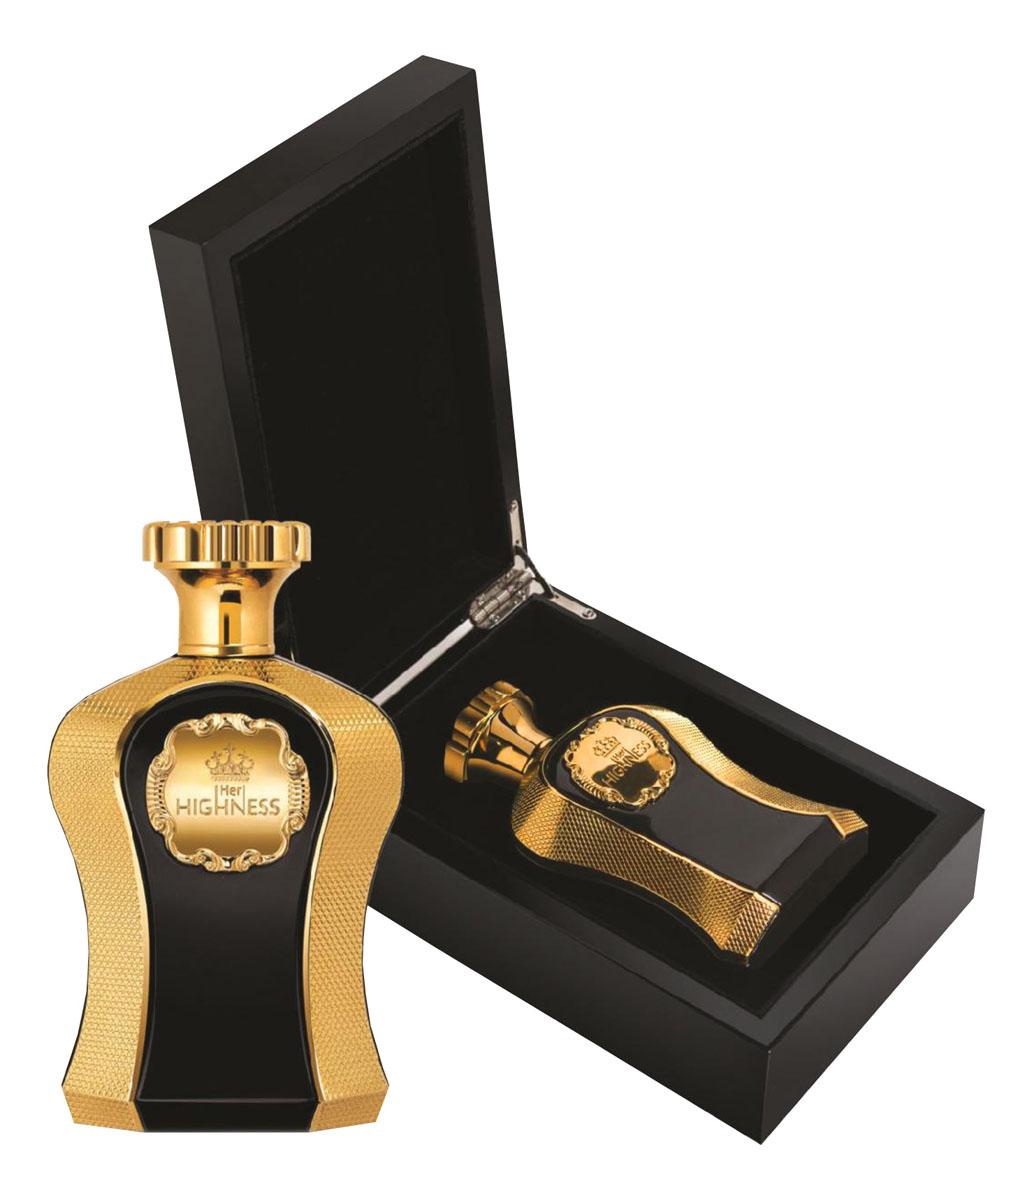 Afnan Her Highness Туалетные духи женские,100мл210540HER HIGHNESS (Её Высочество) - цветочно-восточный аромат для настоящей Королевы! Бархатные аккорды пачули красиво переплетаются с чувственными иланг-илангом и мускусом сводят всех с ума, а пикантную изюминку этому парфюму придают розовый перец, тубероза и слива. С ним комплименты Вам обеспечены всегда! Верхние ноты: слива, груша, розовый перец Ноты «сердца»: тубероза, жасмин, иланг-иланг Базовые ноты: амбра, мускус, пачул